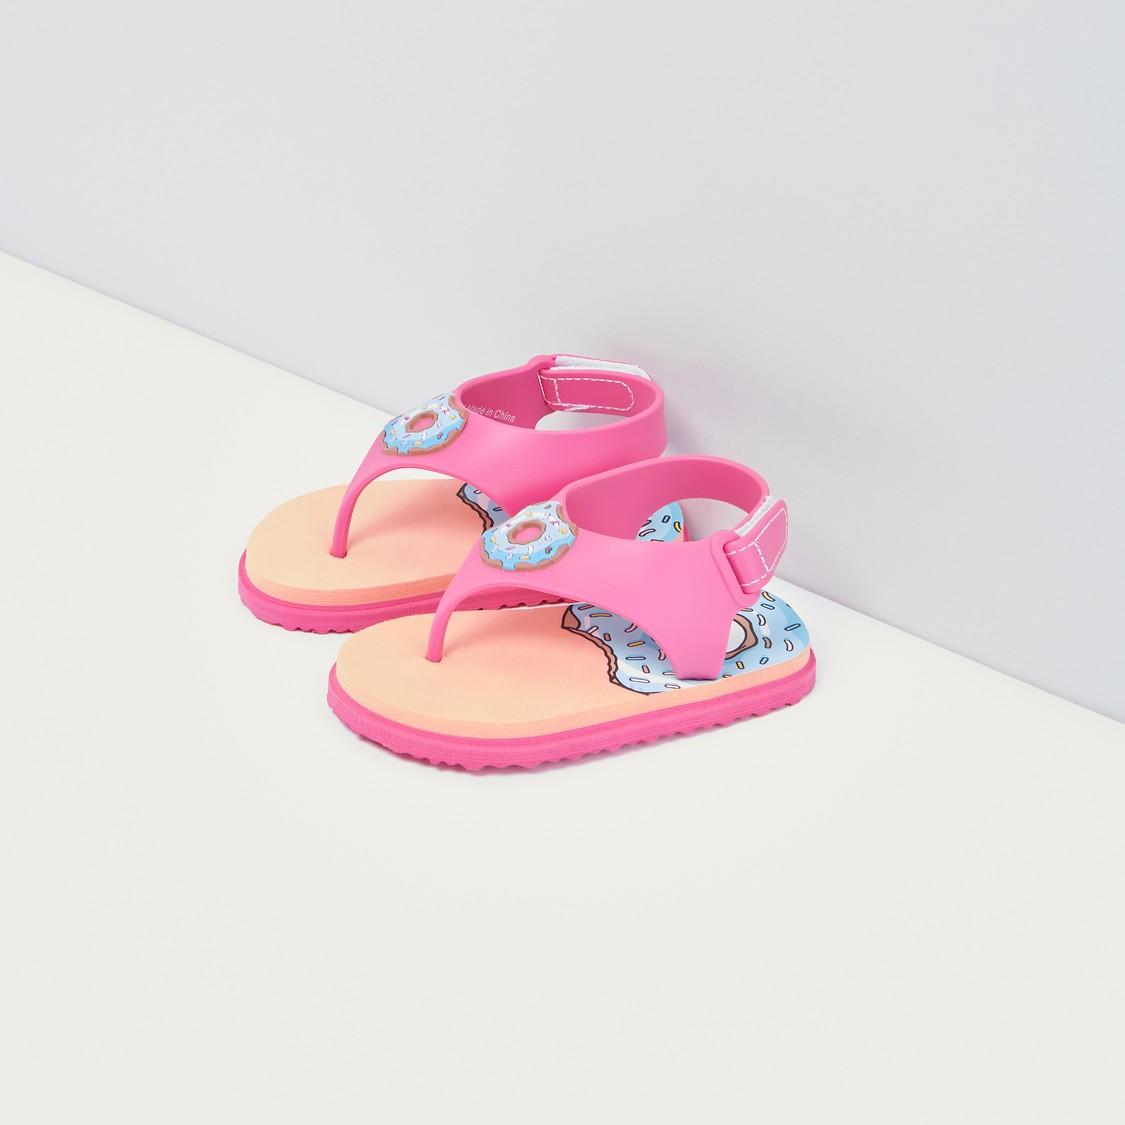 Printed Flip Flops with Hook and Loop Closure